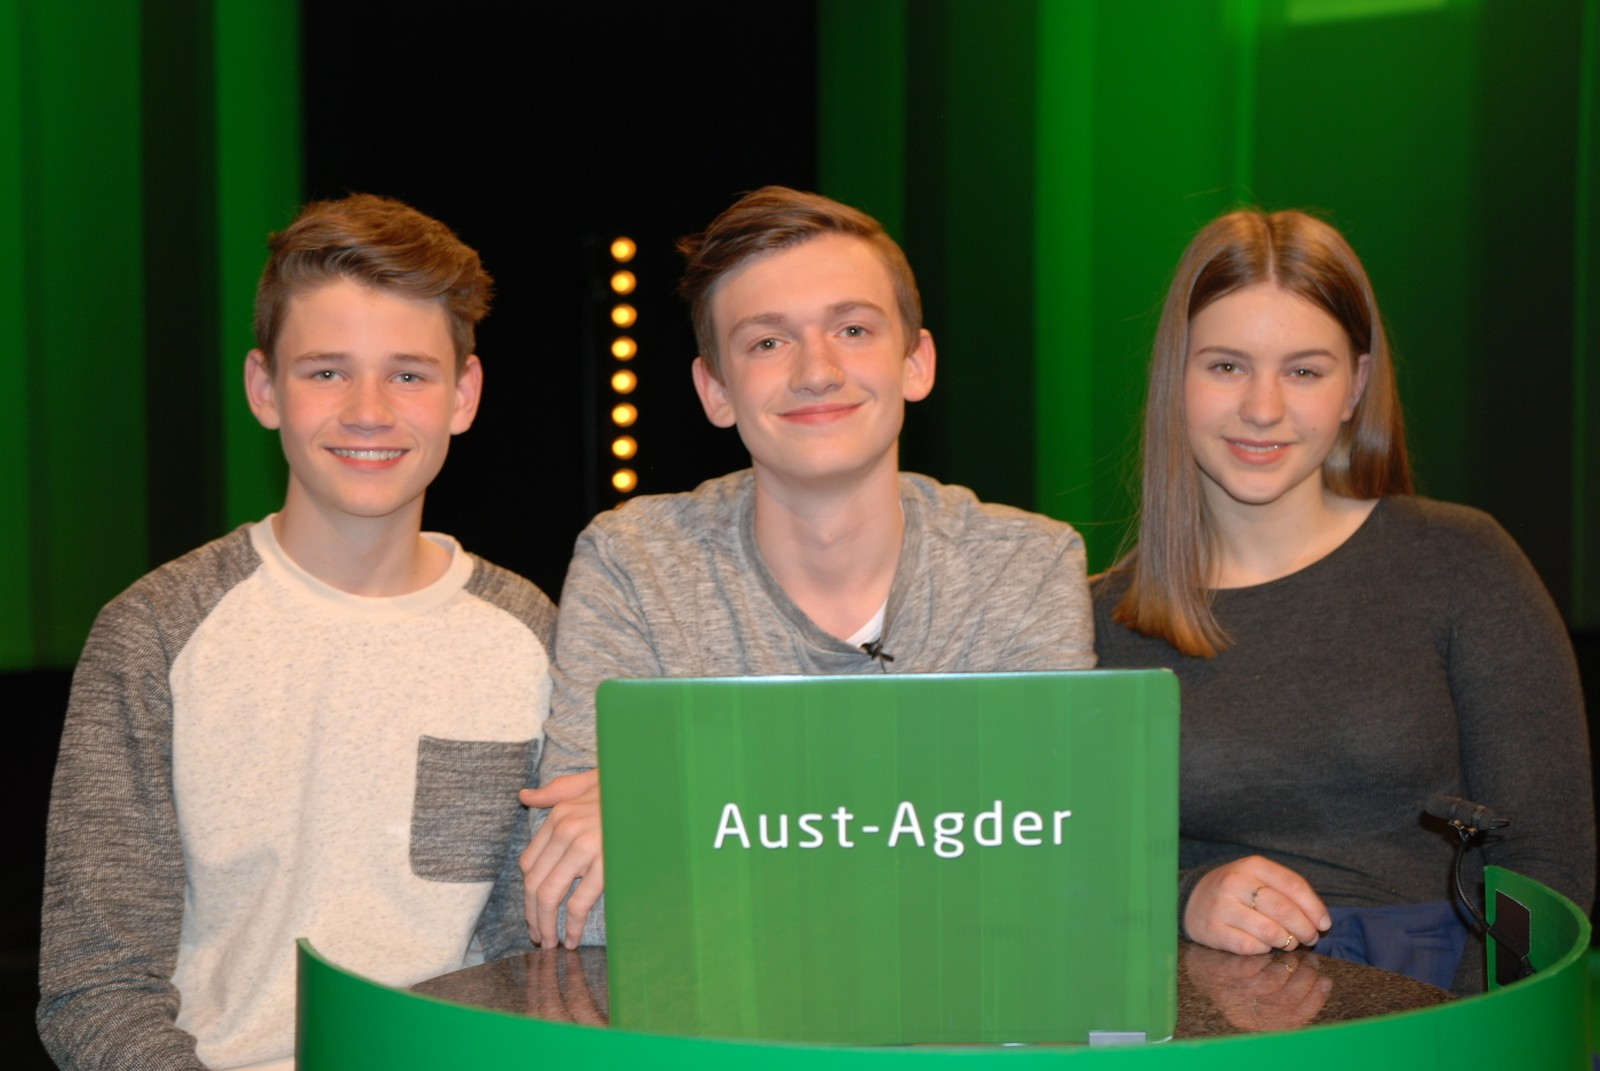 AUST-AGDER: Fjære Ungdomsskole i Grimstad representert ved Amalie de Jong Martinsen, Daniel Kjebekk Drivdal og Jonathan Bergqvist.